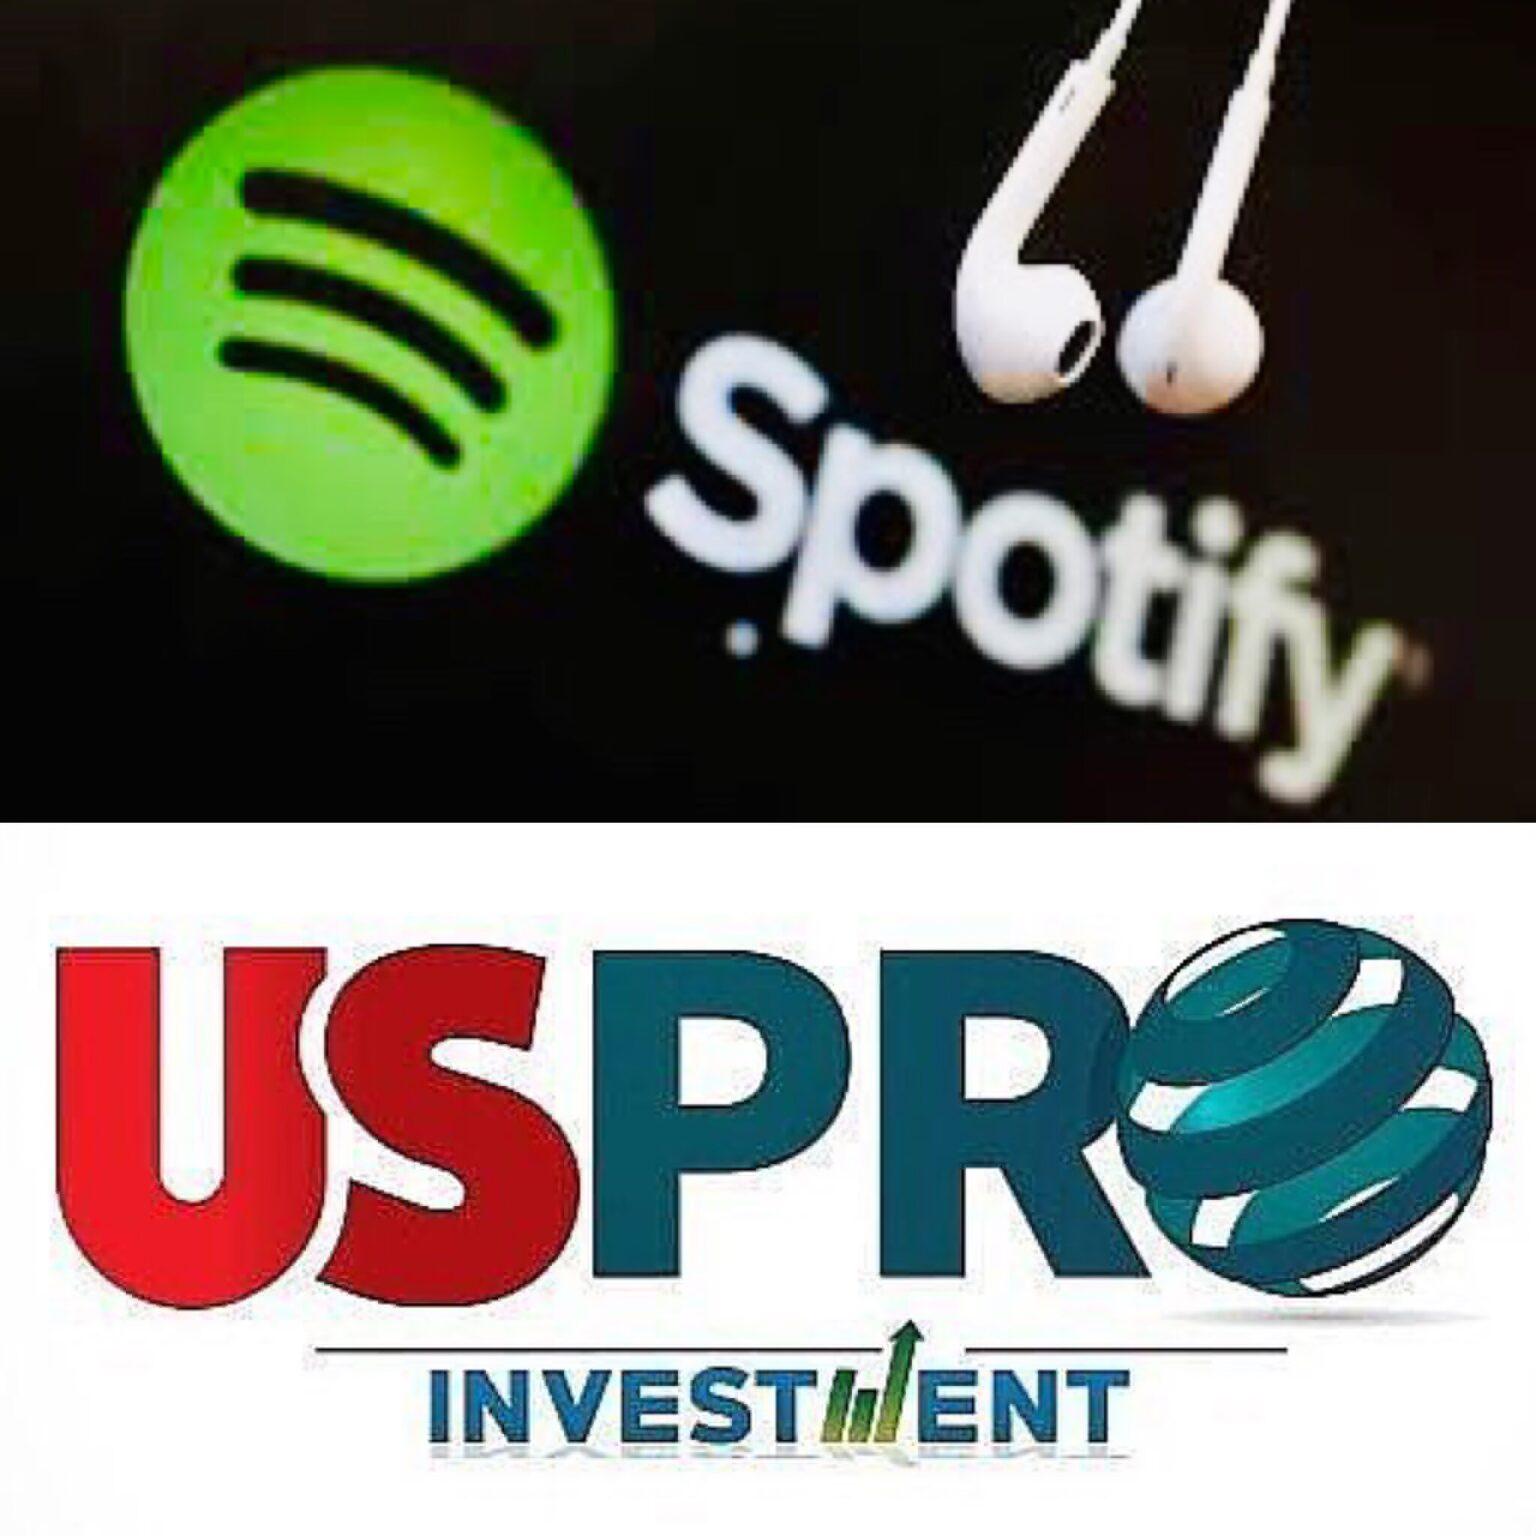 En Spotify Suena música de la primera.utilidad bruta de 26 %